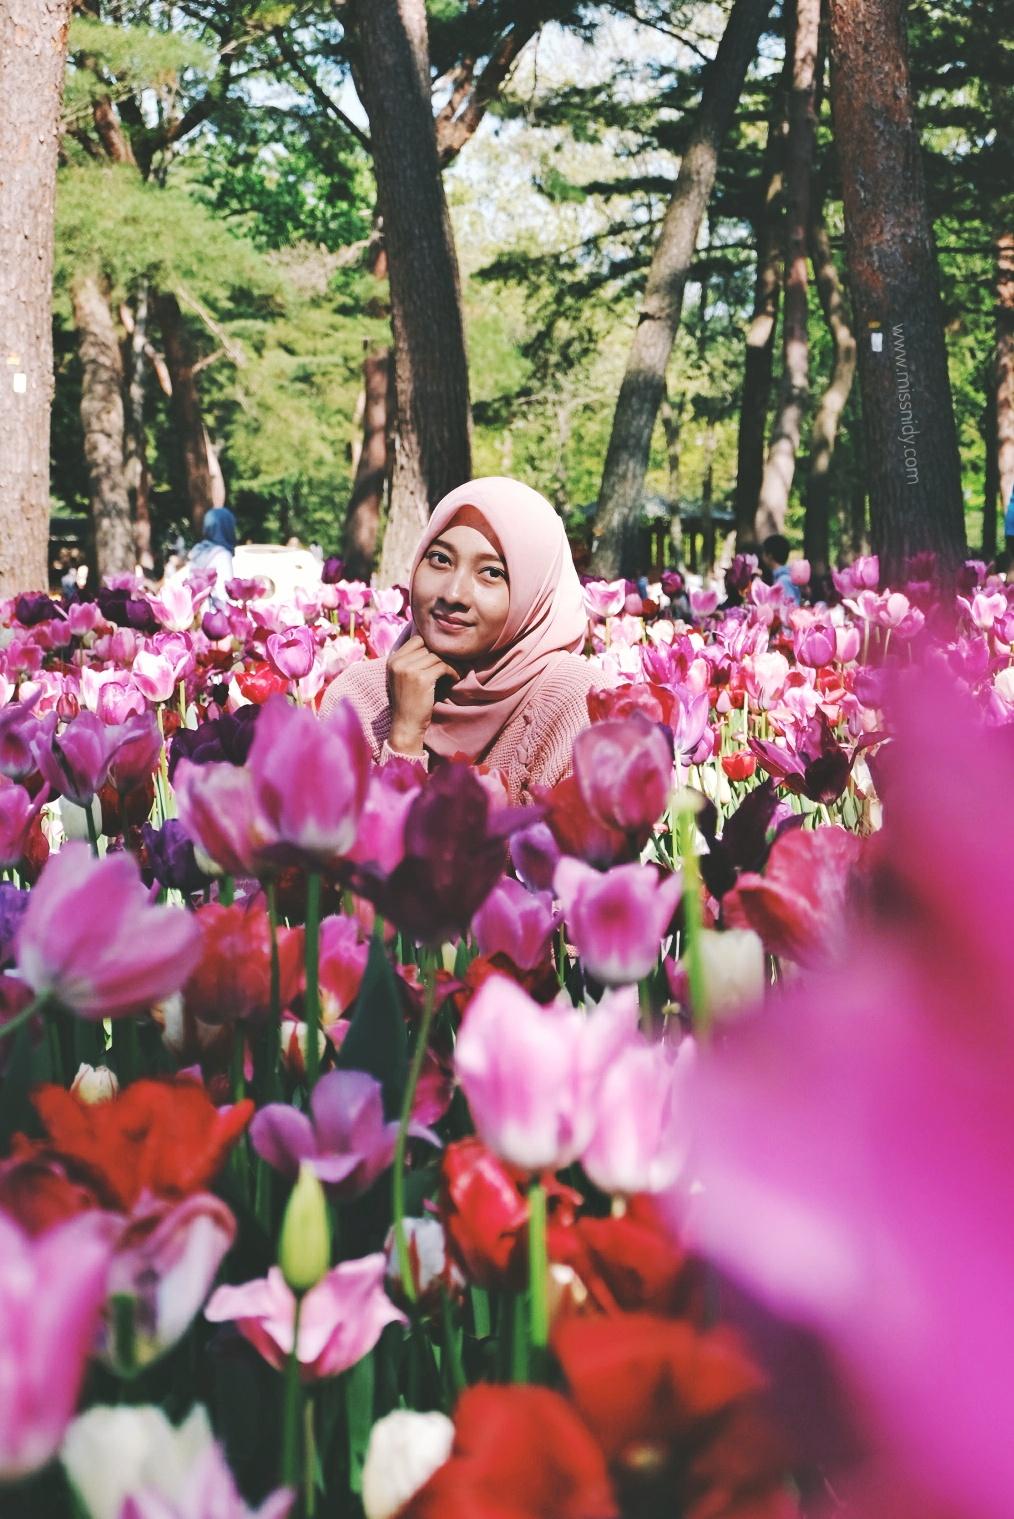 foto tulip di jepang